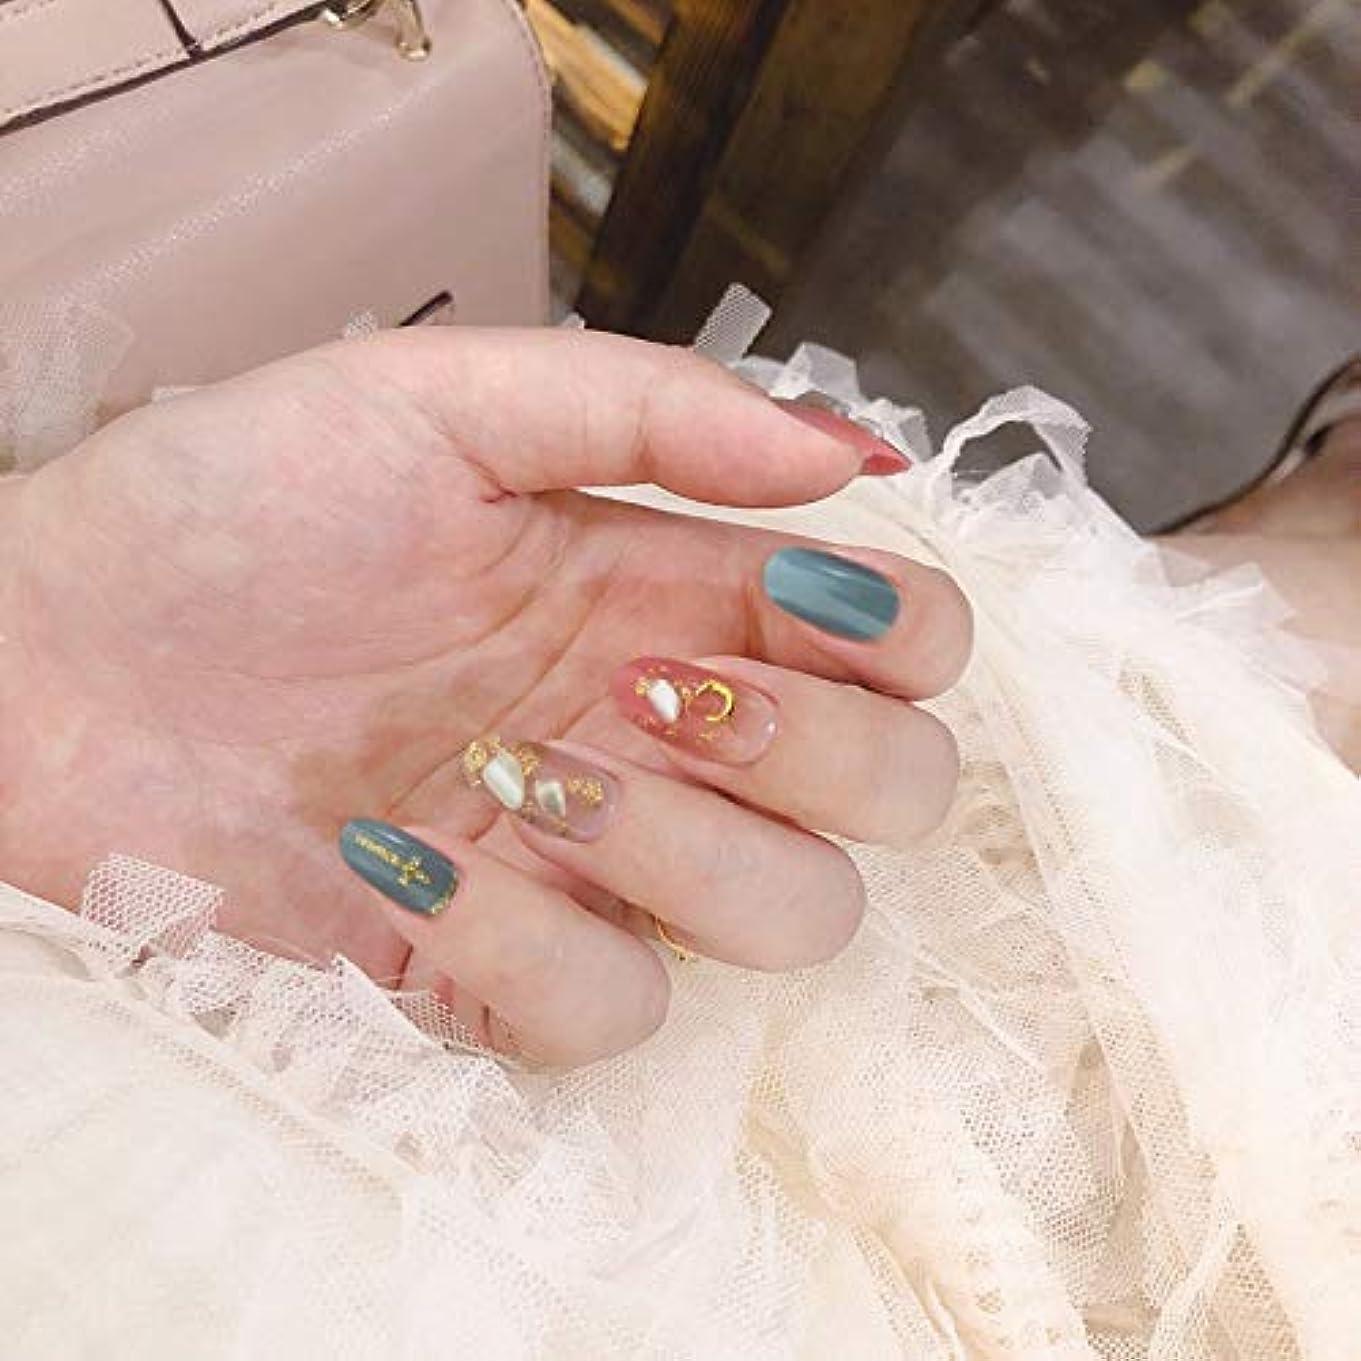 エスカレーター引き算の配列24pcs 両面接着テープ付き ネイルチップ 可愛い優雅ネイル ネイル花嫁 ナチュラルシェル装飾